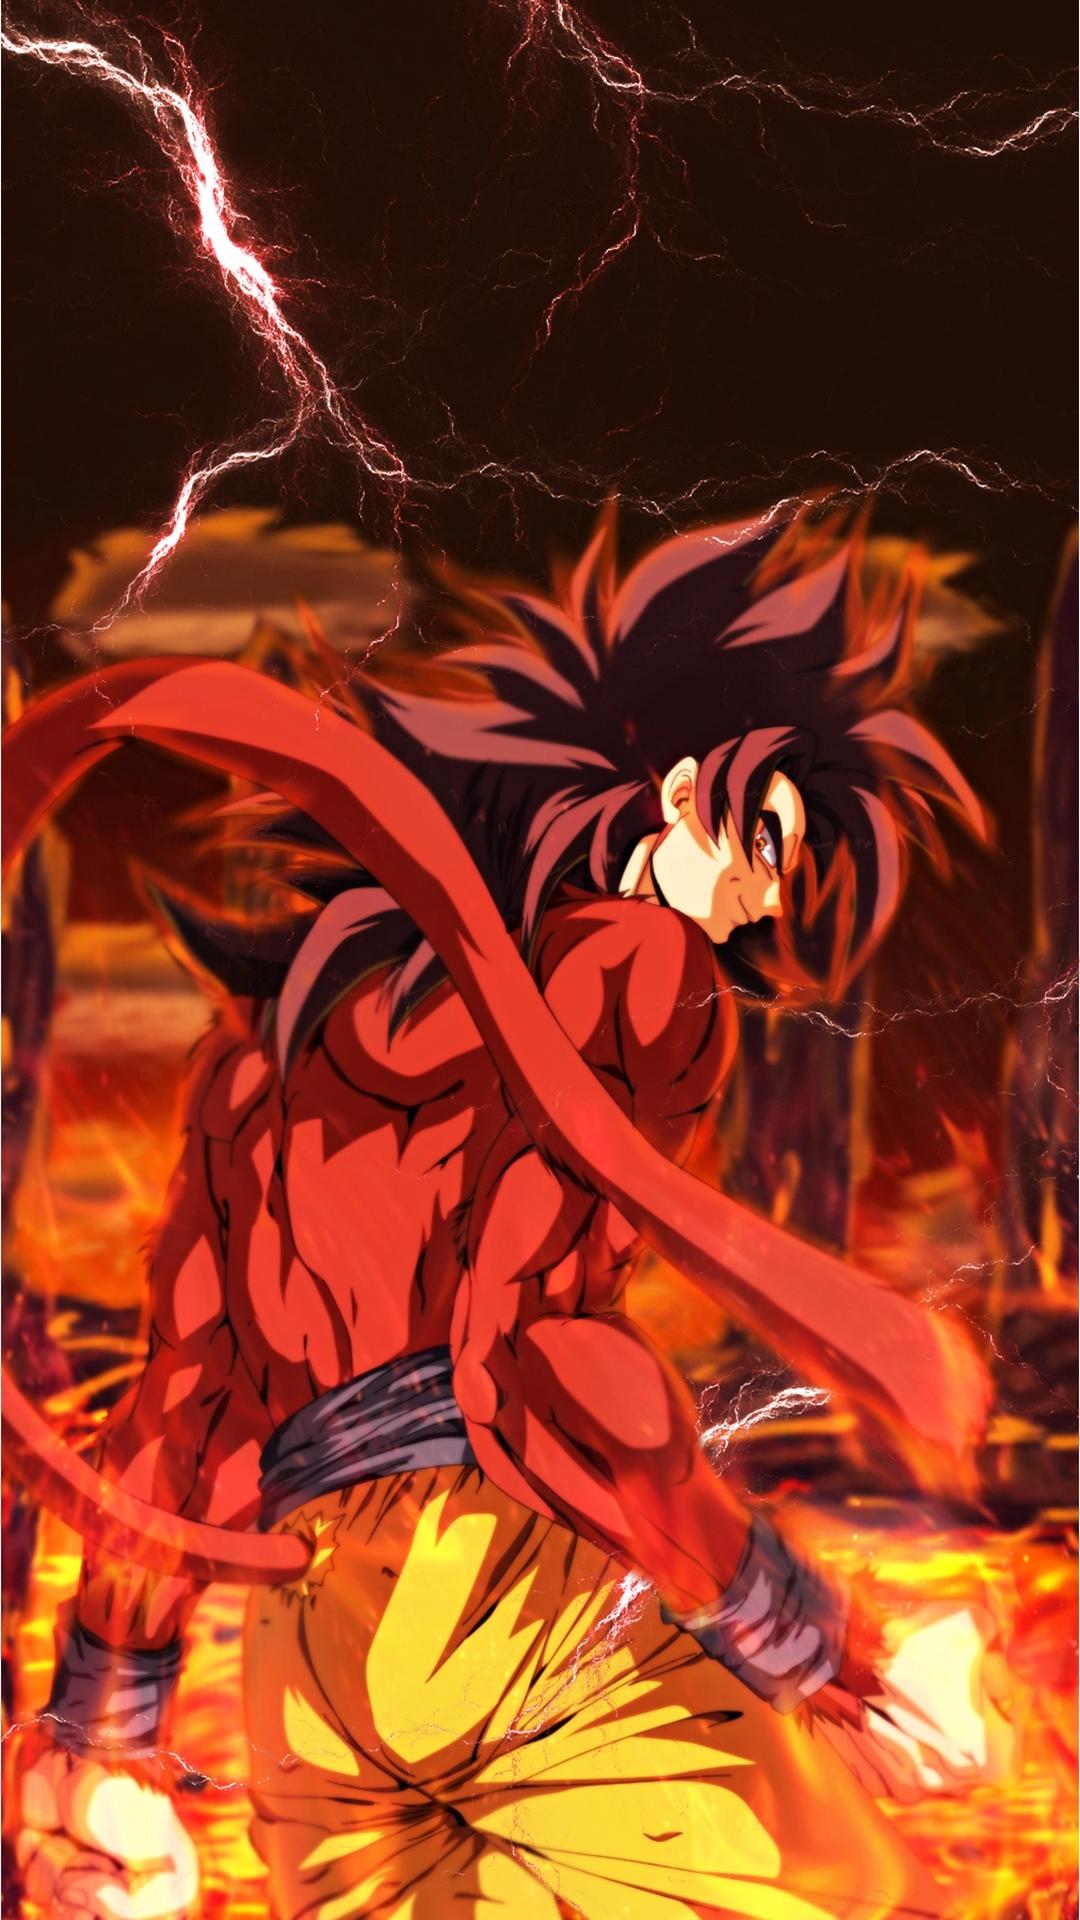 Free Download Image Goku Ssj4 Wallpaper 10733771jpg Dragon Ball Z